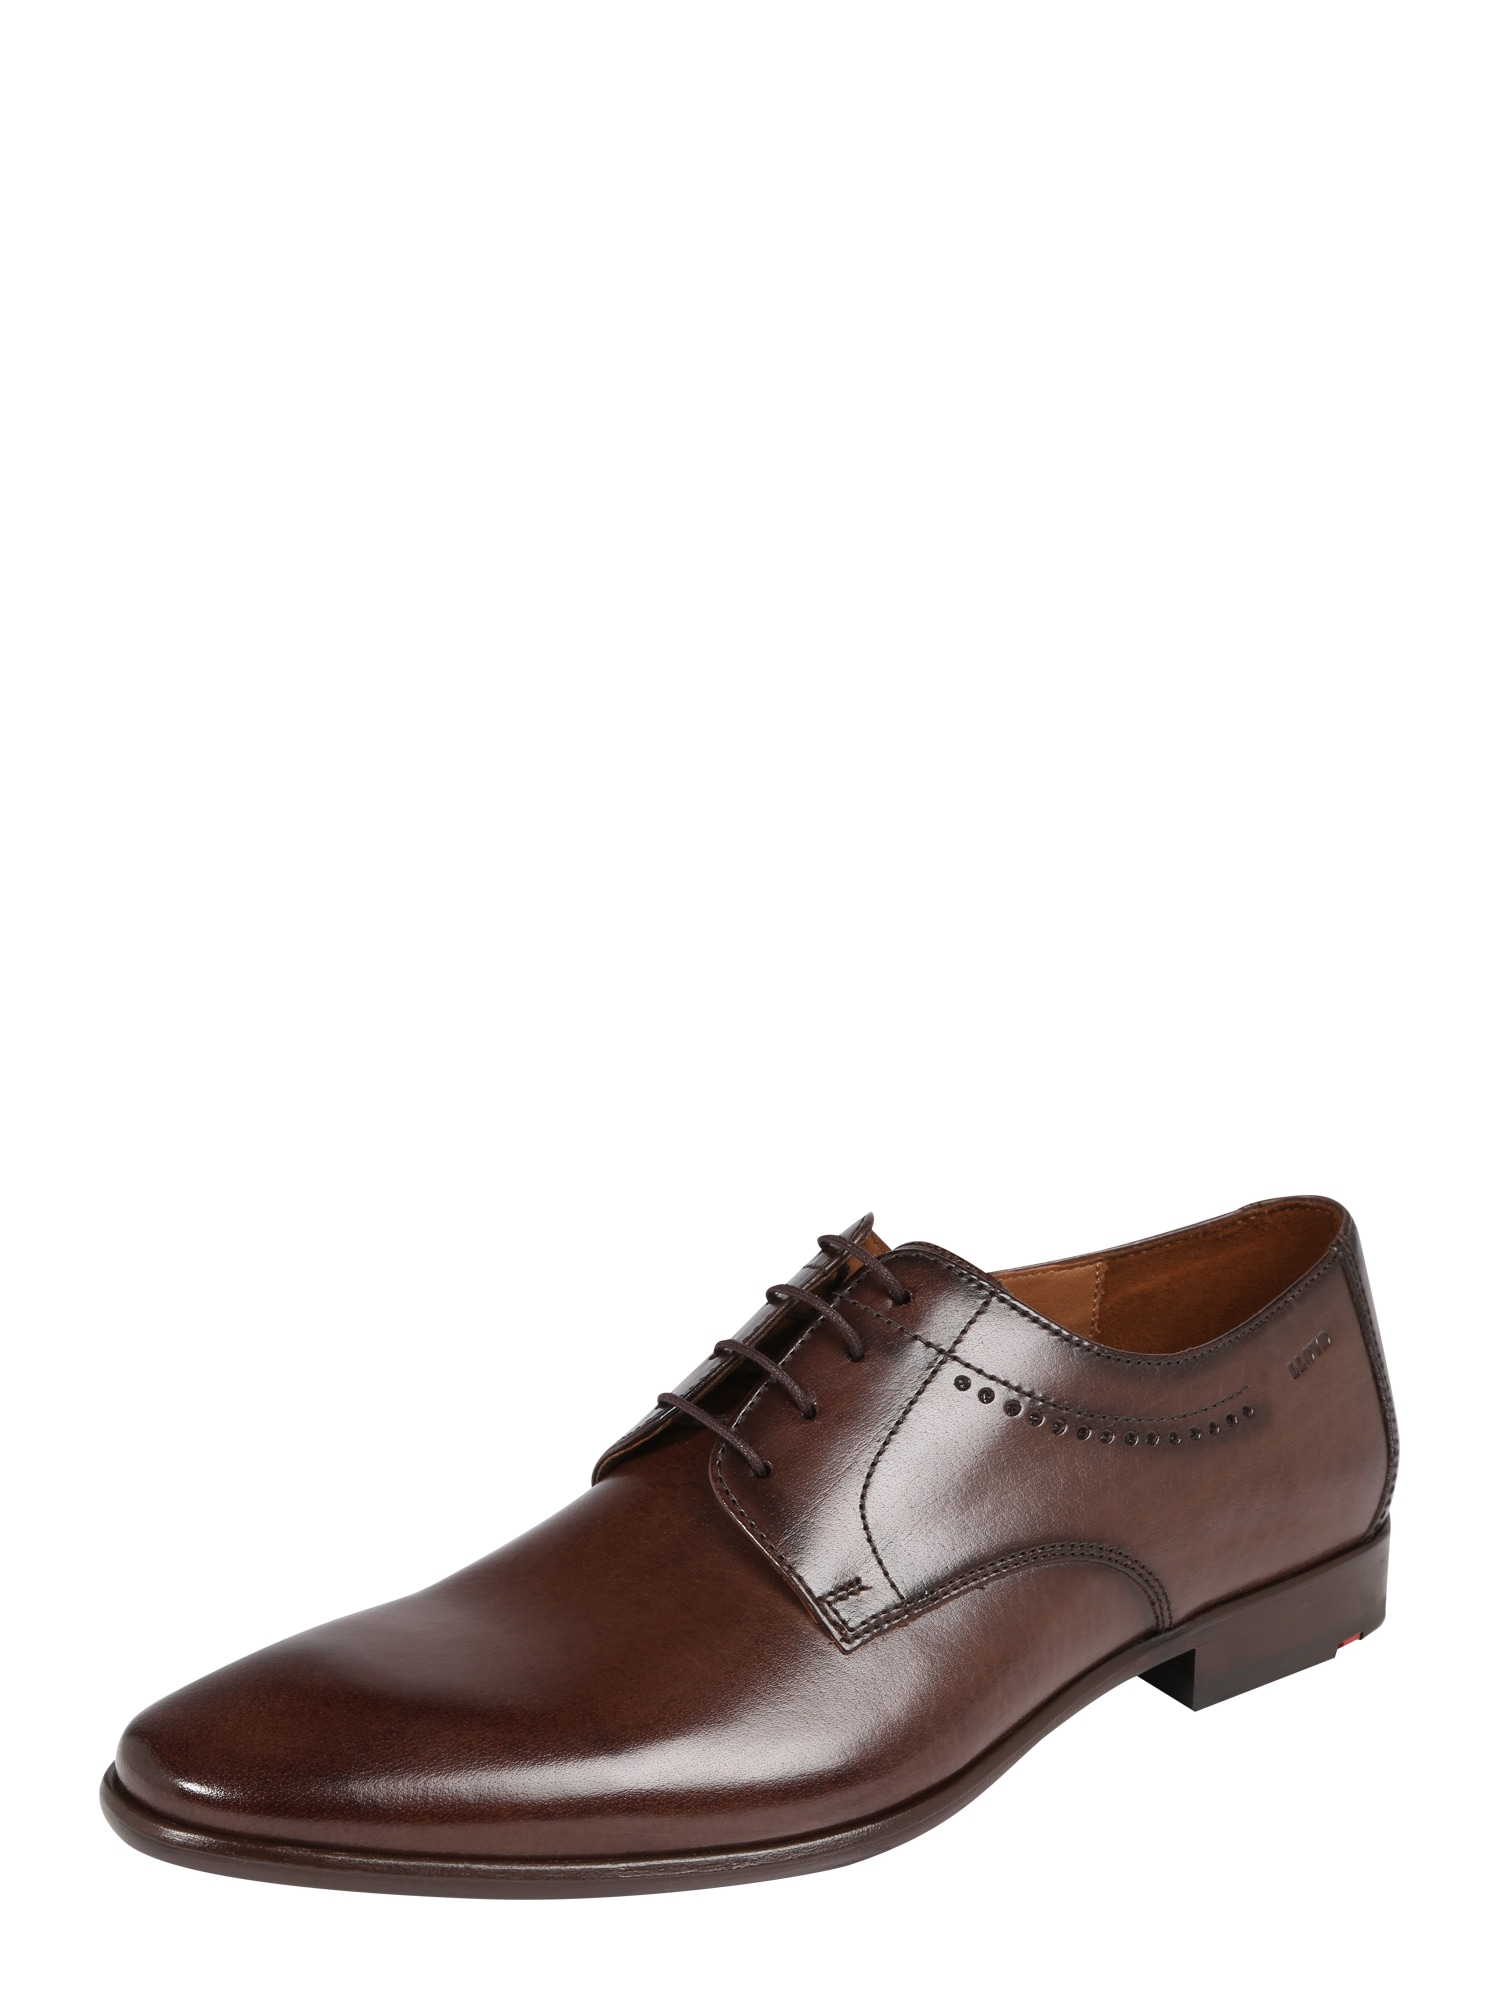 Šněrovací boty OCAS tmavě hnědá LLOYD